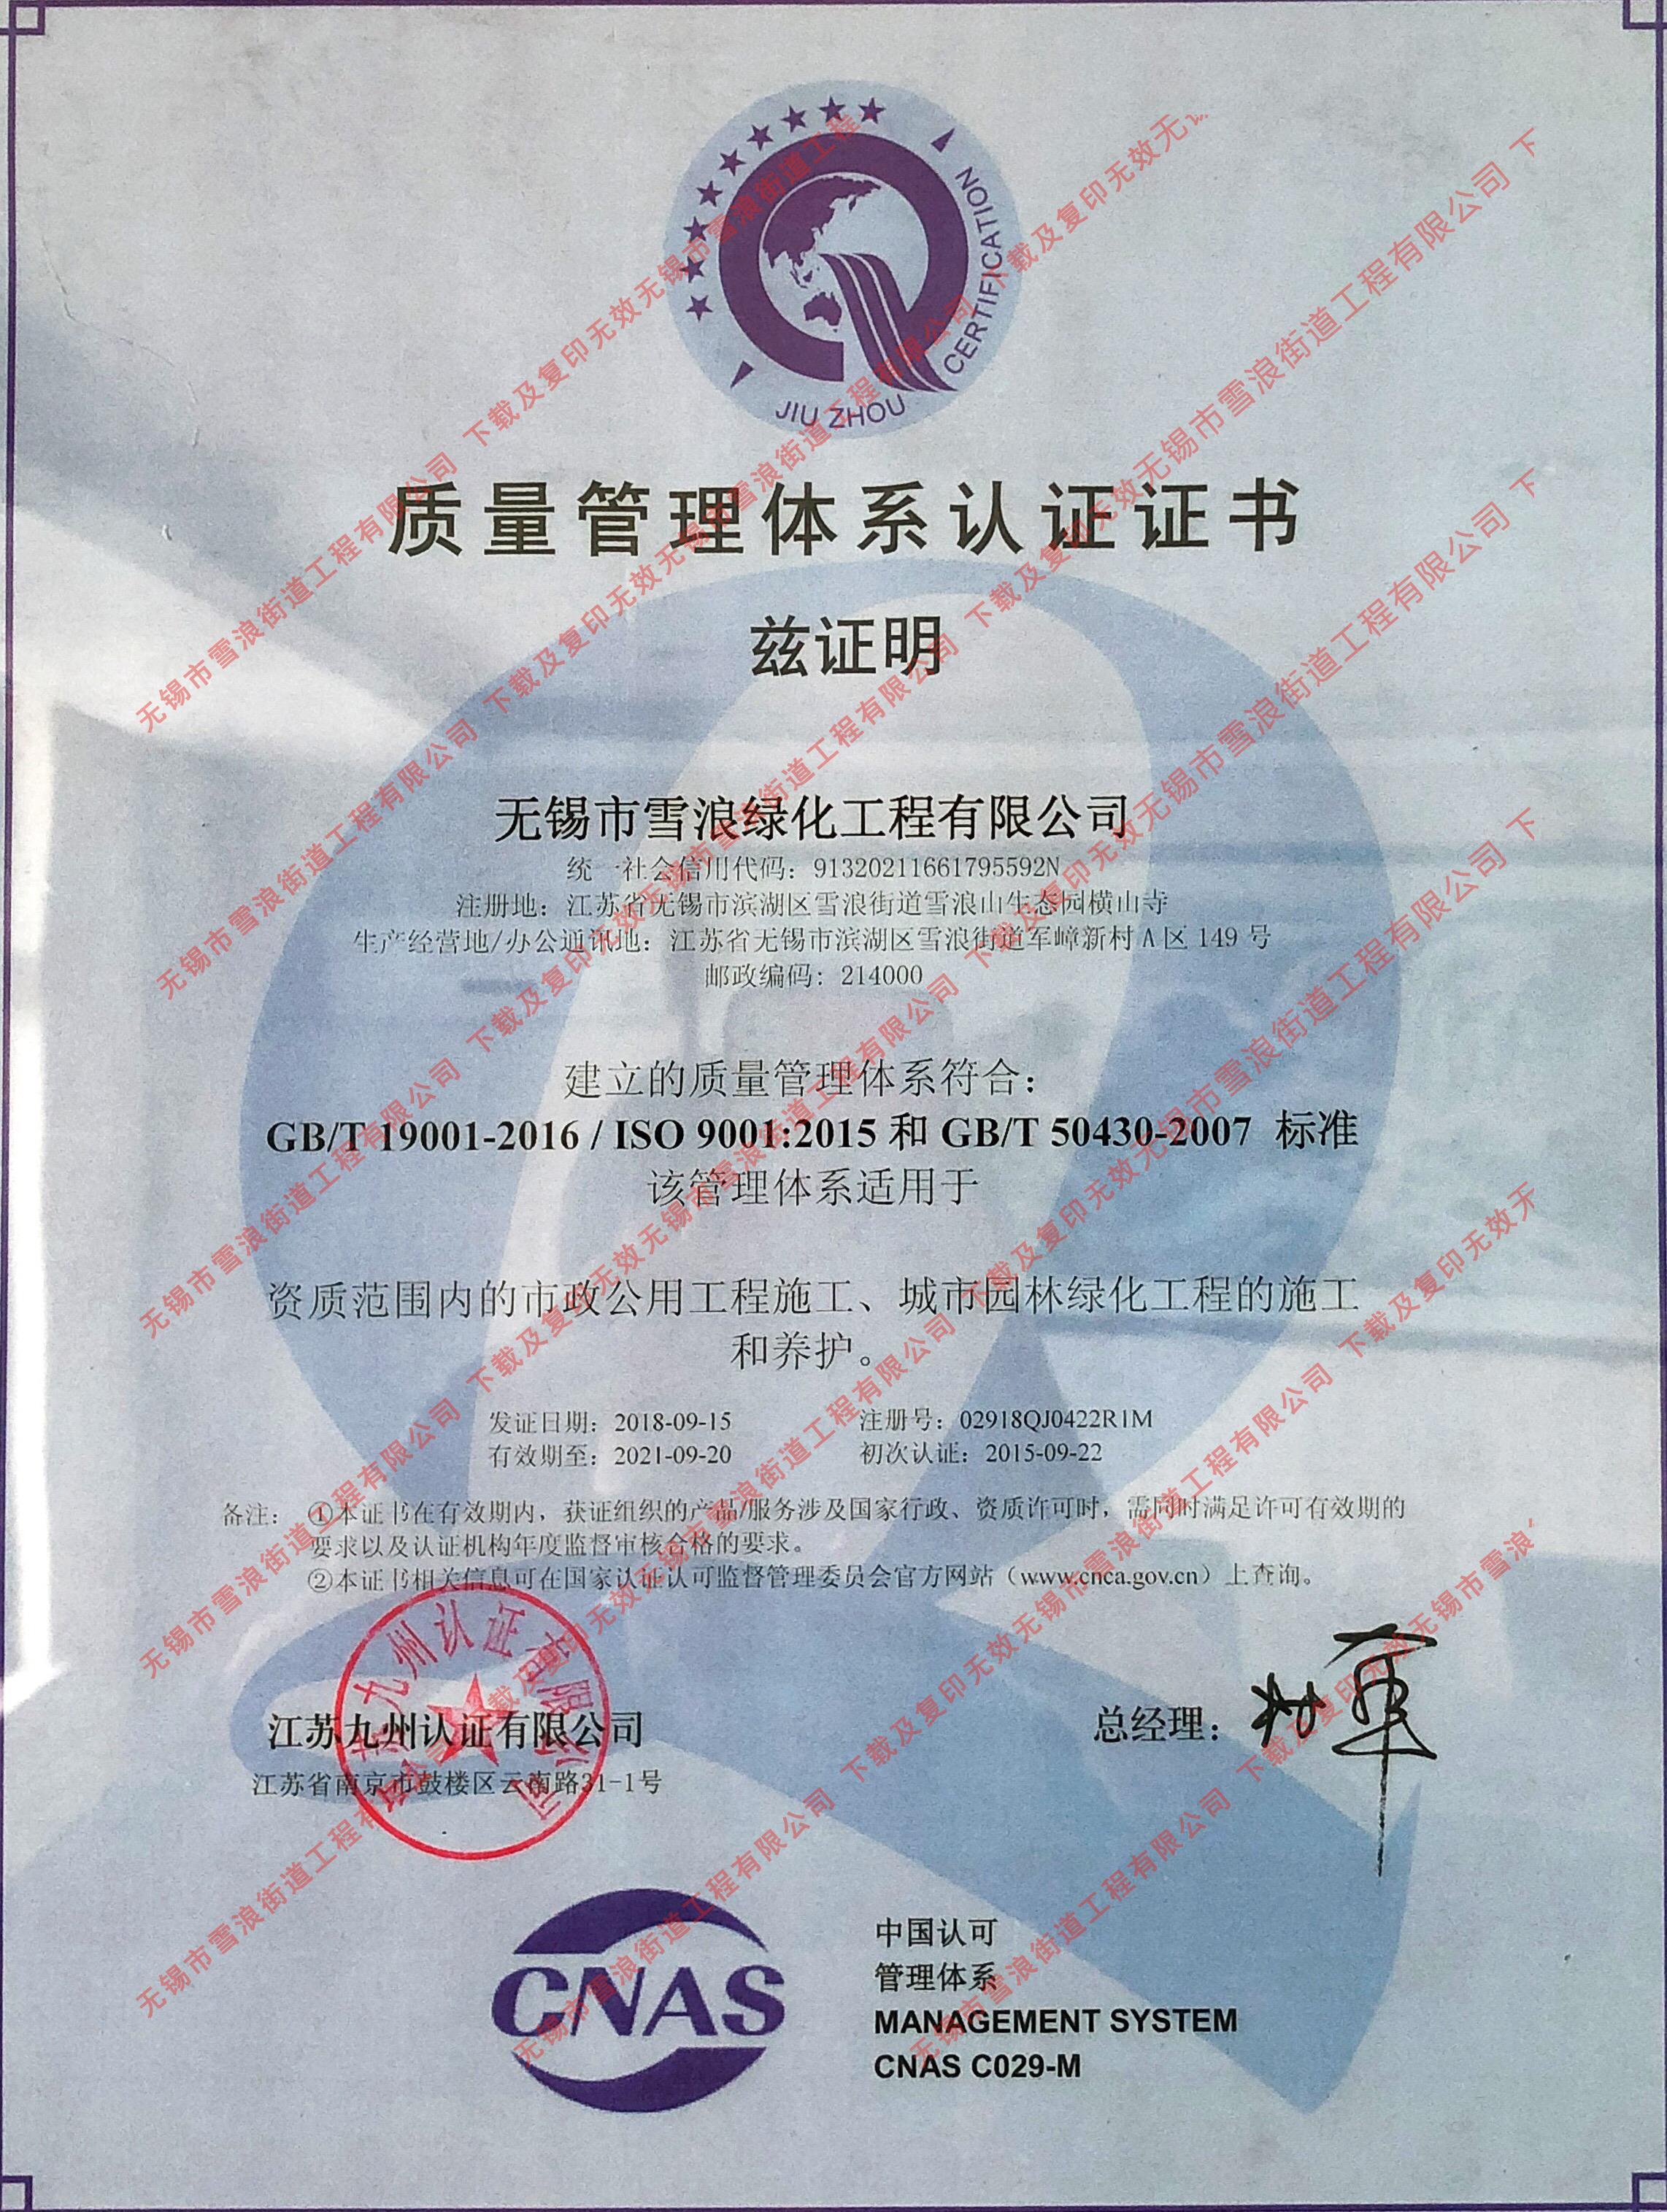 質量體系證書-5c42e0e119455e45f29d736c285909a